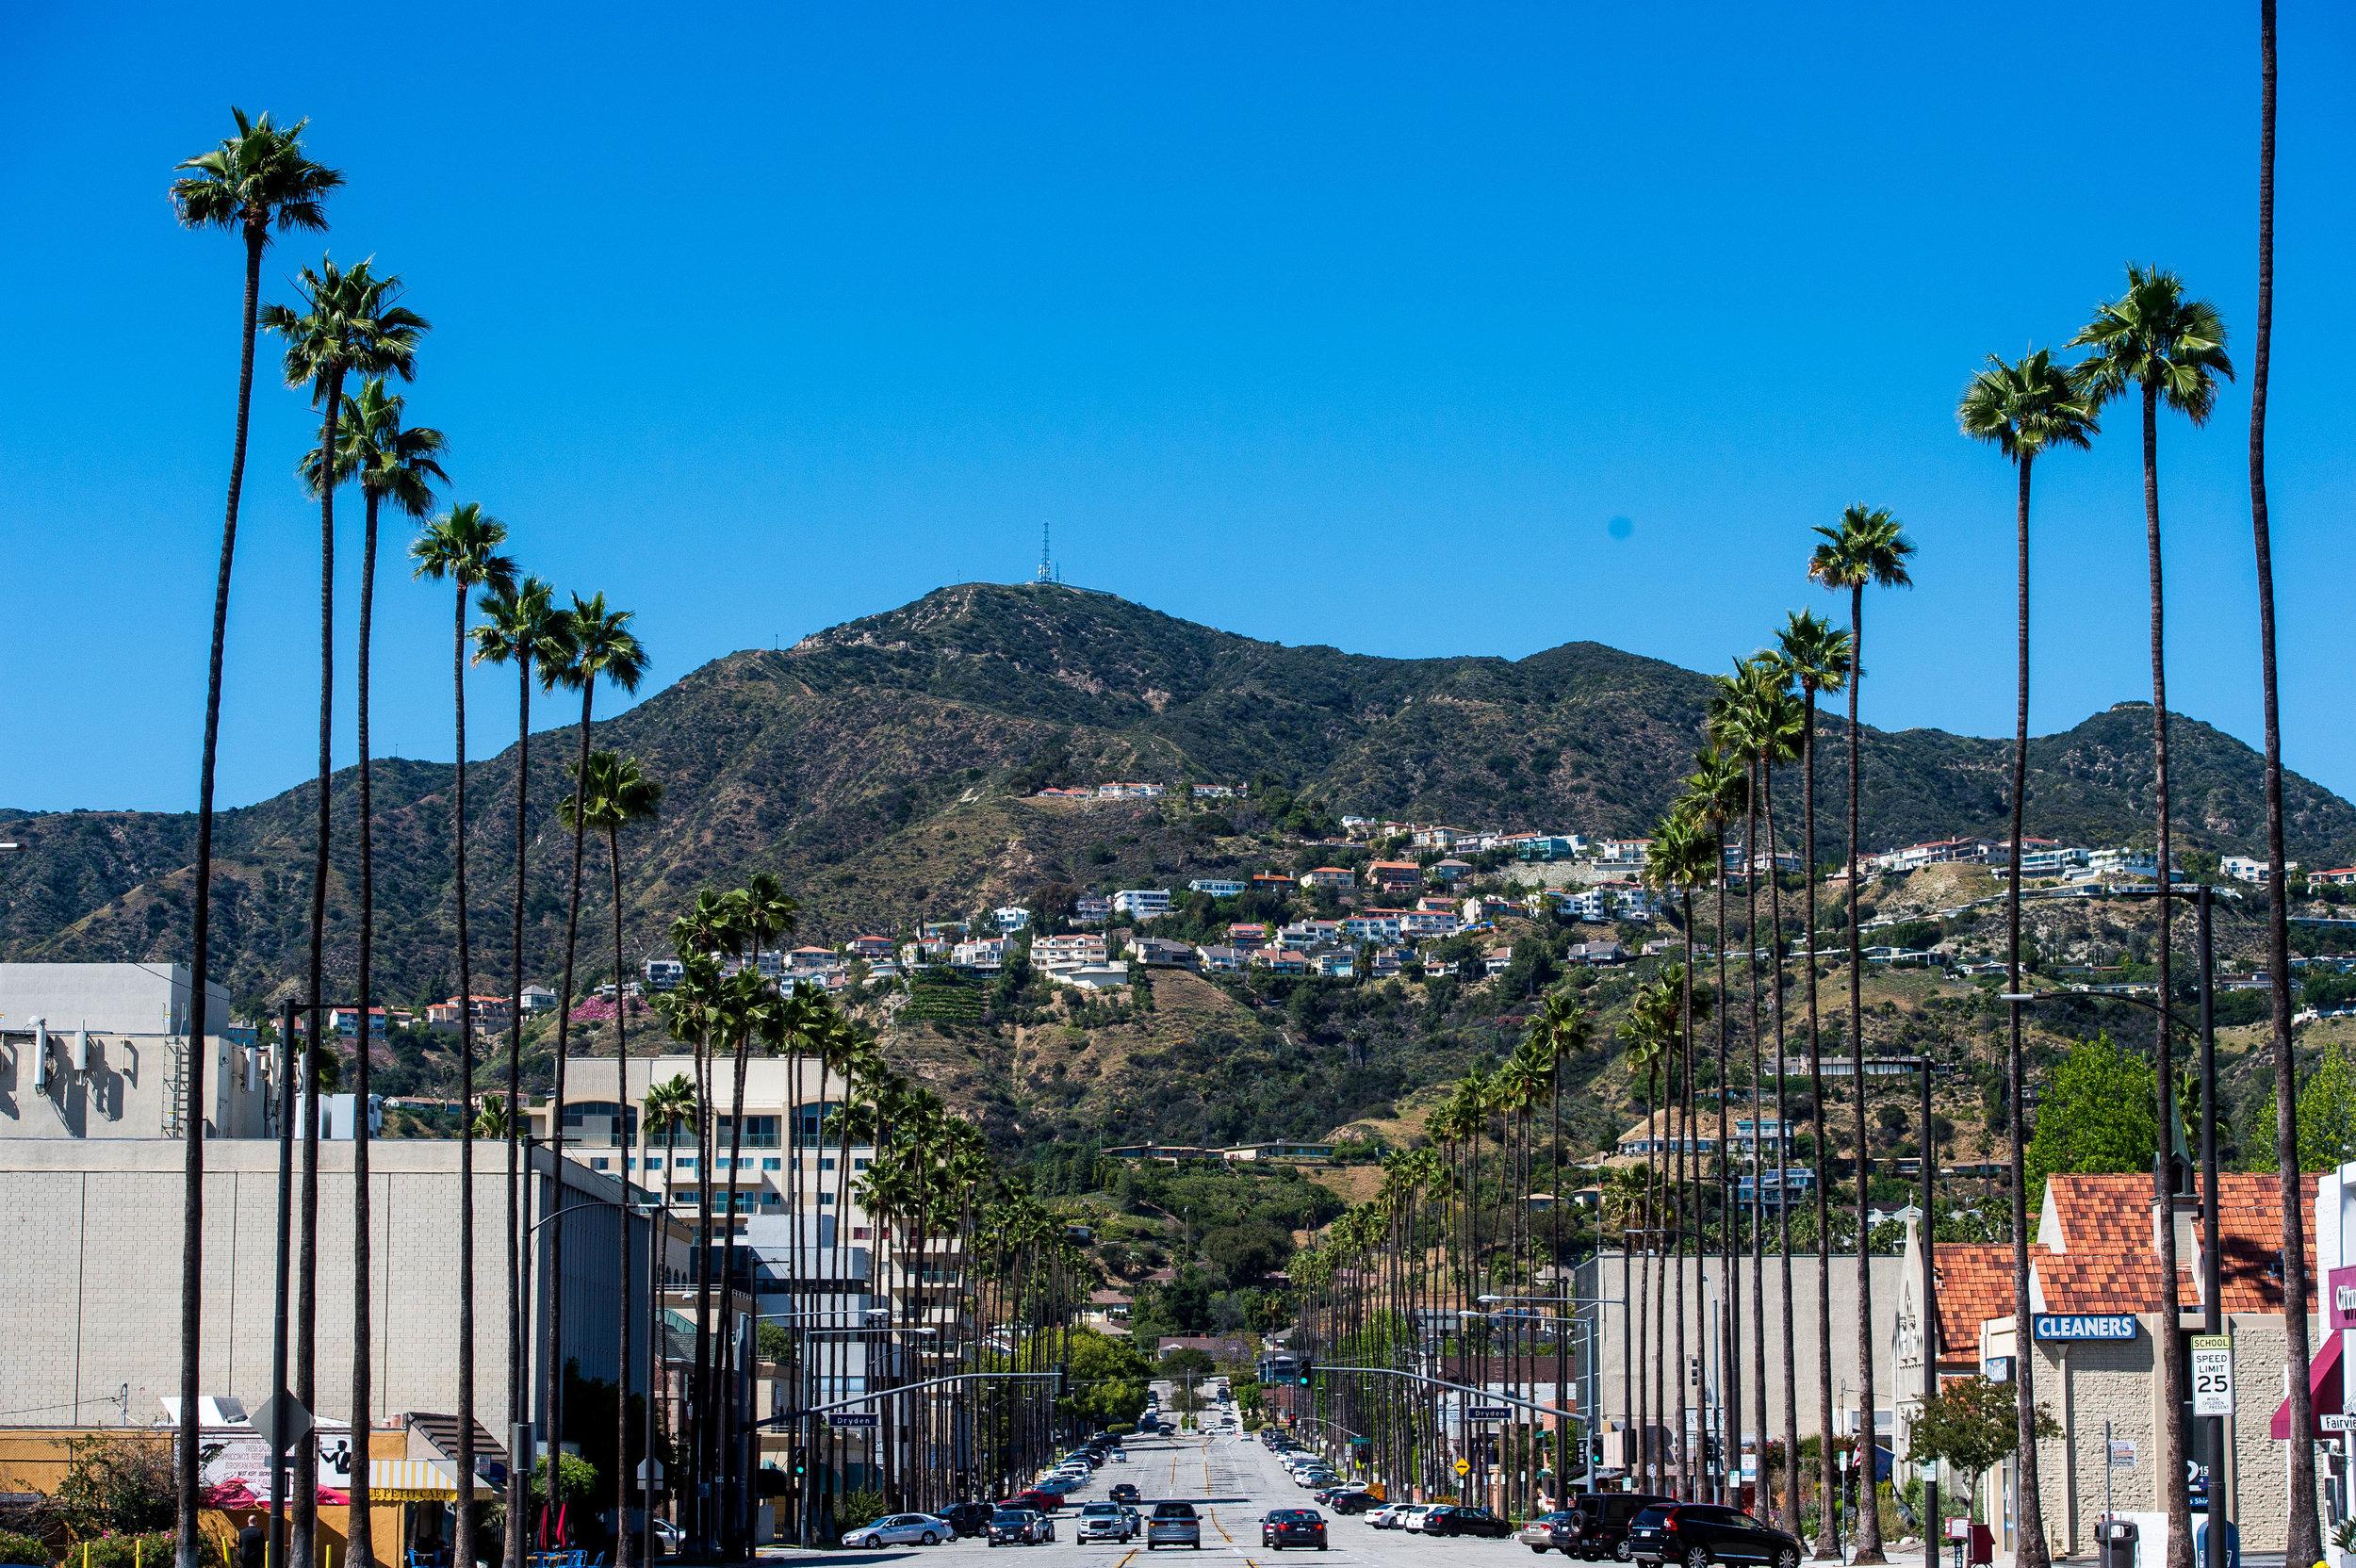 Palm tree-lined street in Glendale